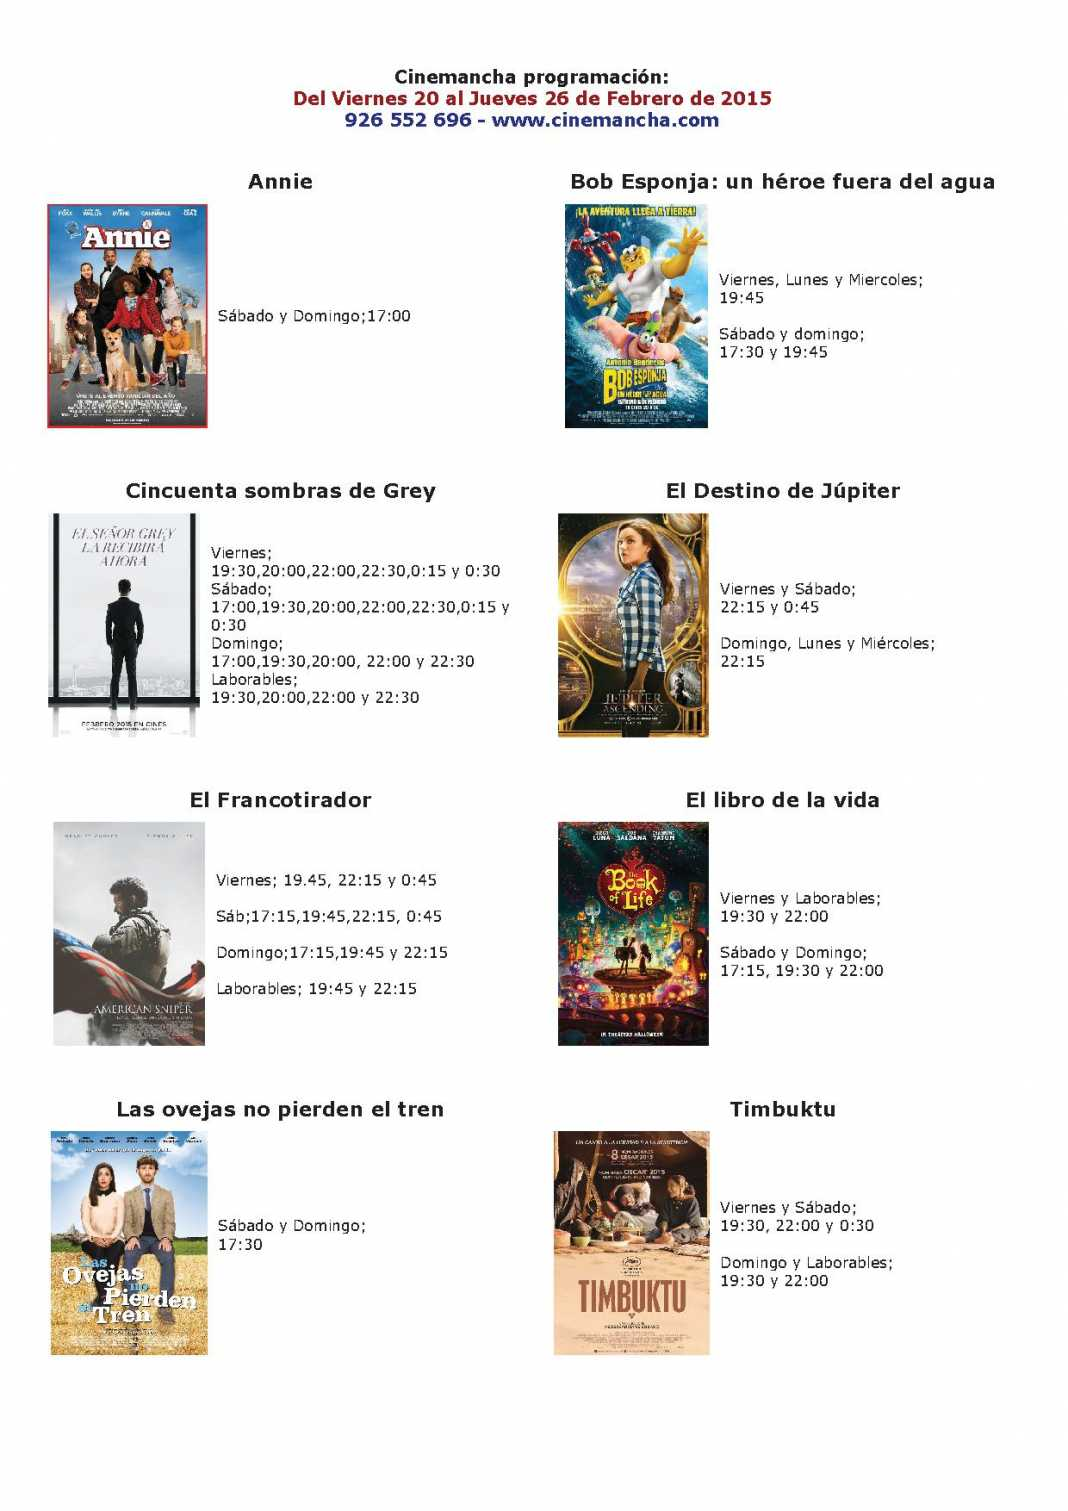 cartelera de cinemancha del 20 al 26 de febrero 1068x1511 - Cartelera de Cinemancha del 20 al 26 de febrero